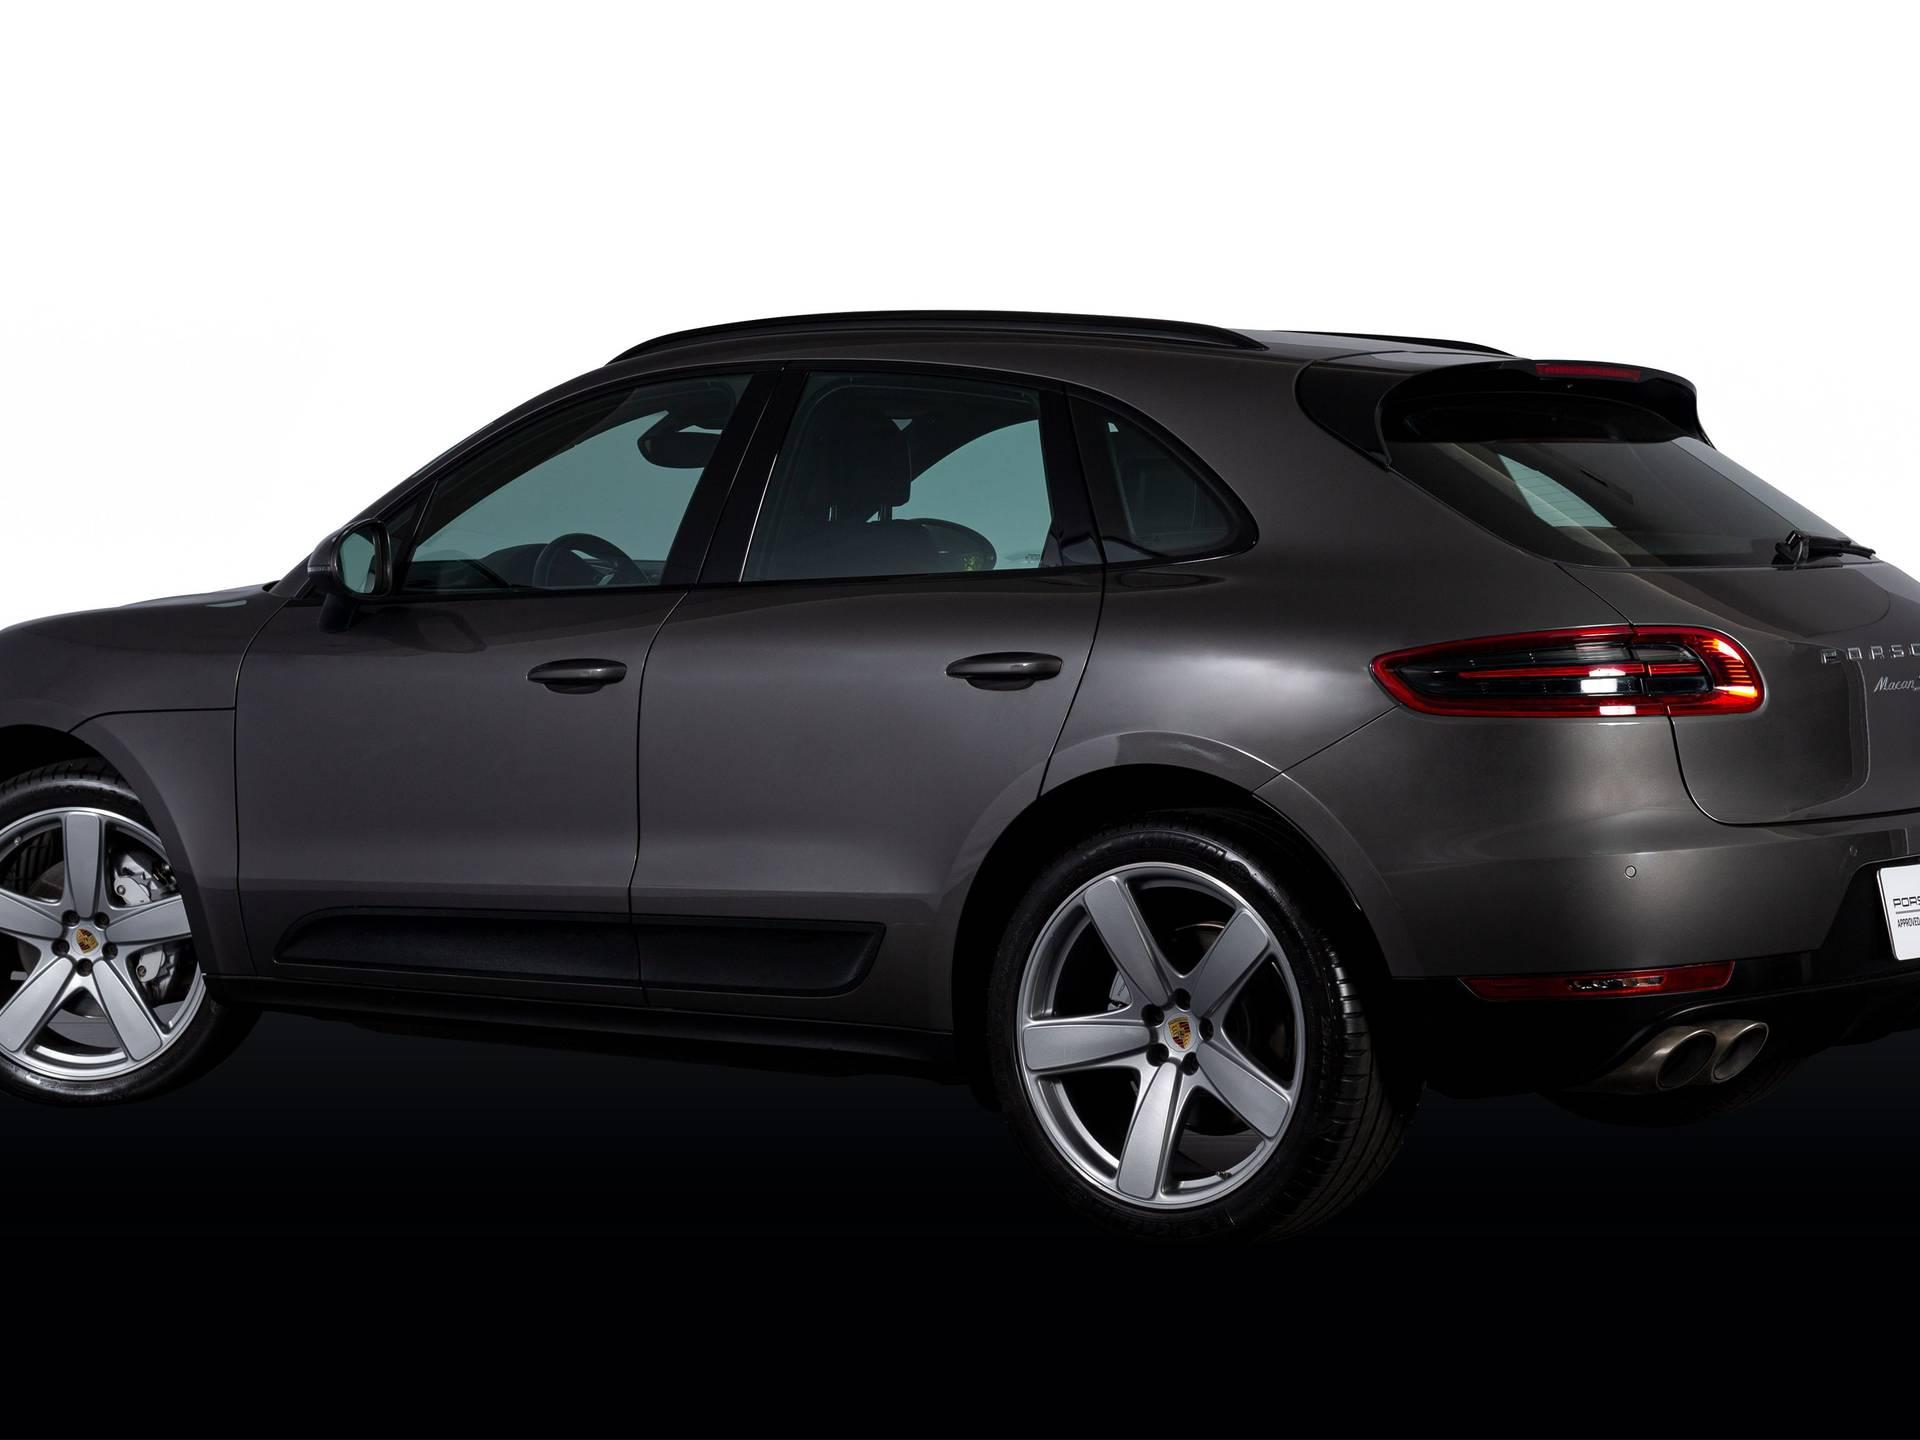 2015 Porsche Macan S – 5